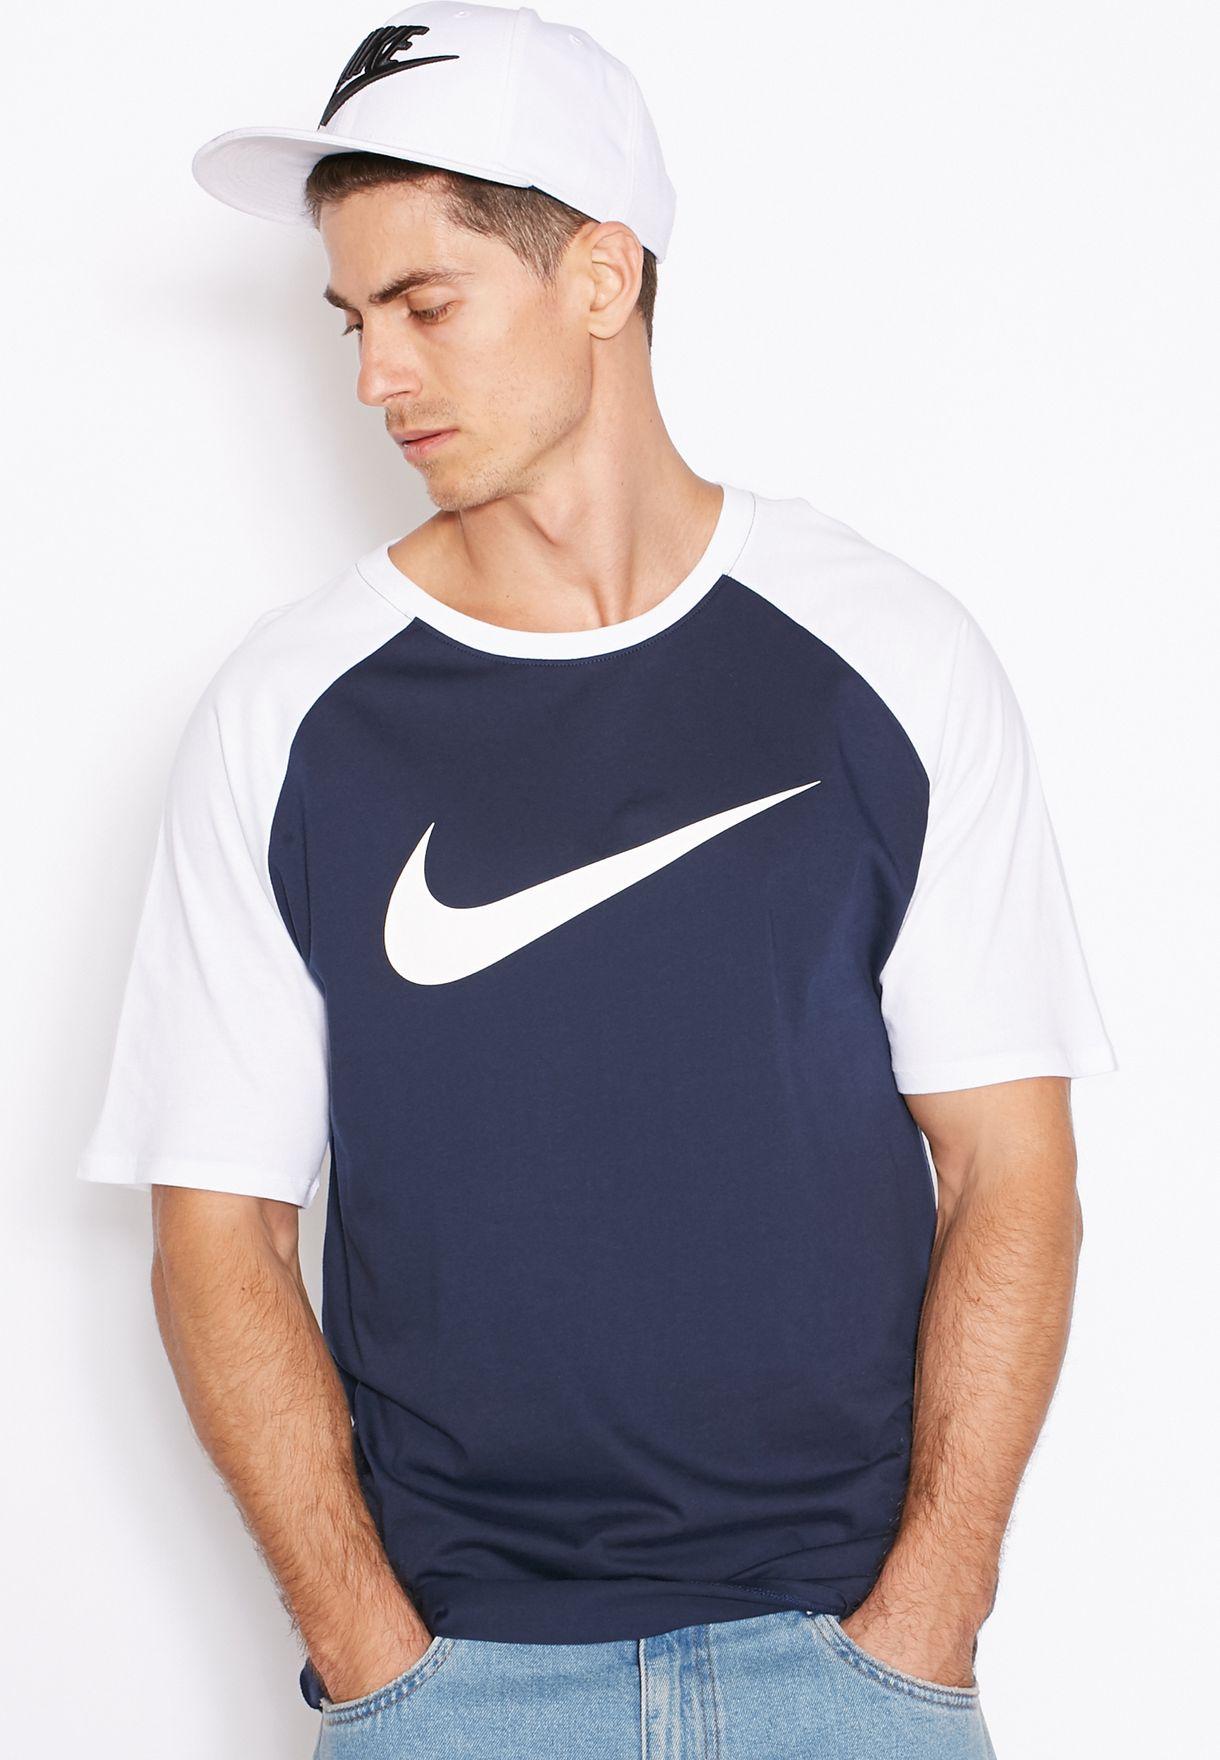 edf4abdc0 Shop Nike navy Raglan Swoosh T-Shirt 779696-451 for Men in Bahrain ...